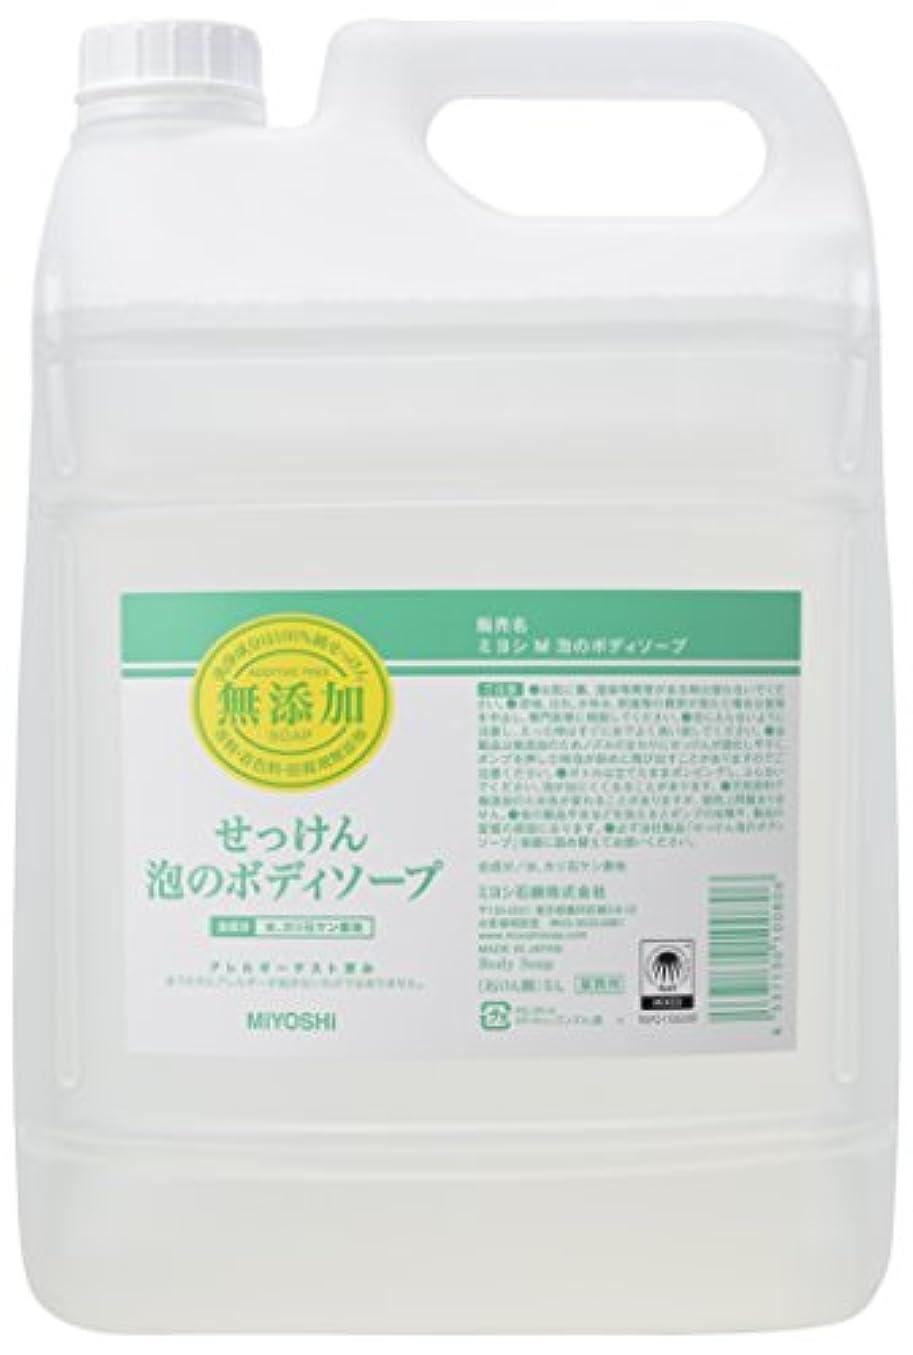 不適縮約異邦人ミヨシ石鹸 無添加せっけん 泡のボディソープ 詰替え用 5L